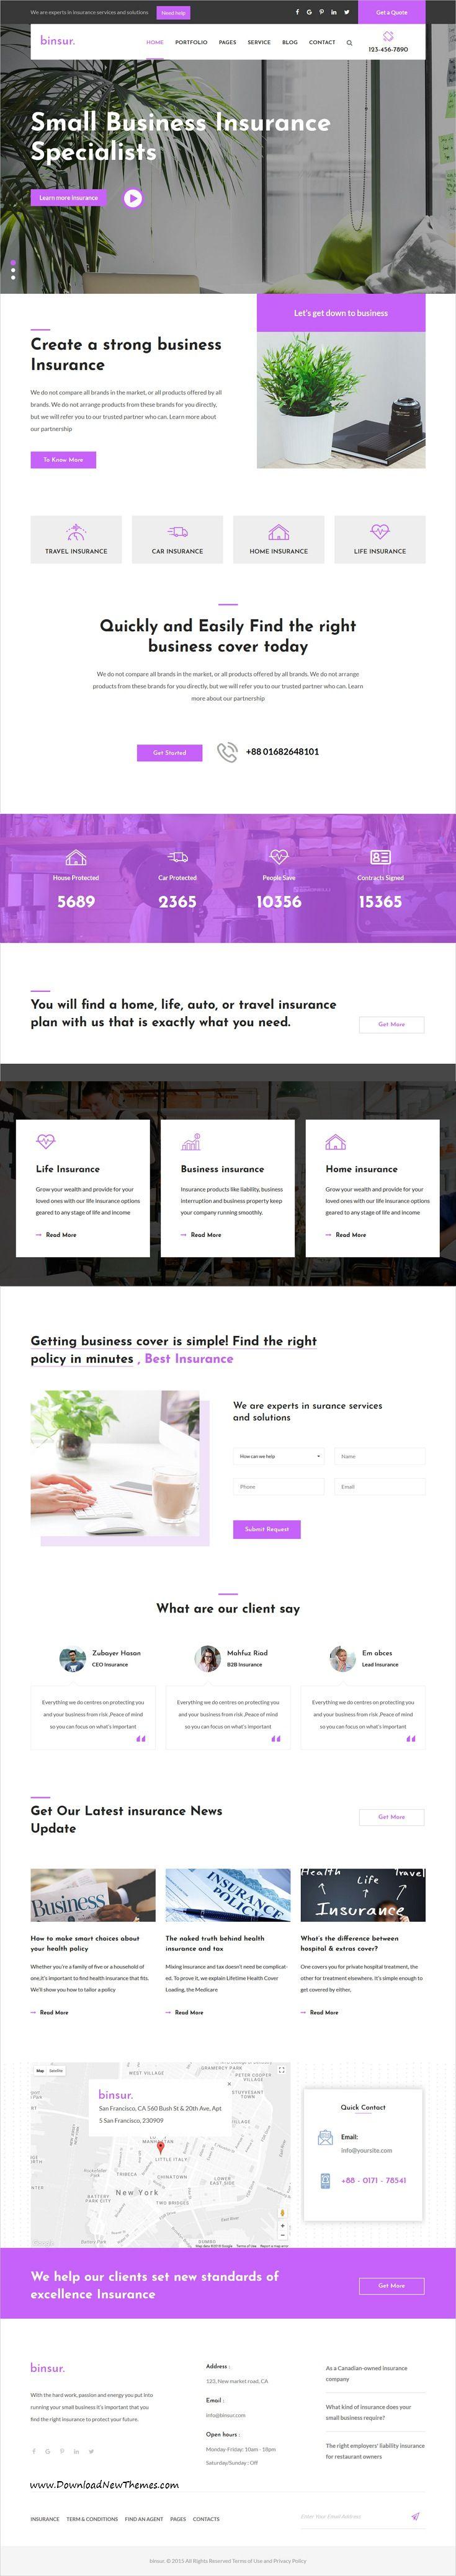 Binsure Insurance-Agency HTML Template | Insurance agency, Template ...